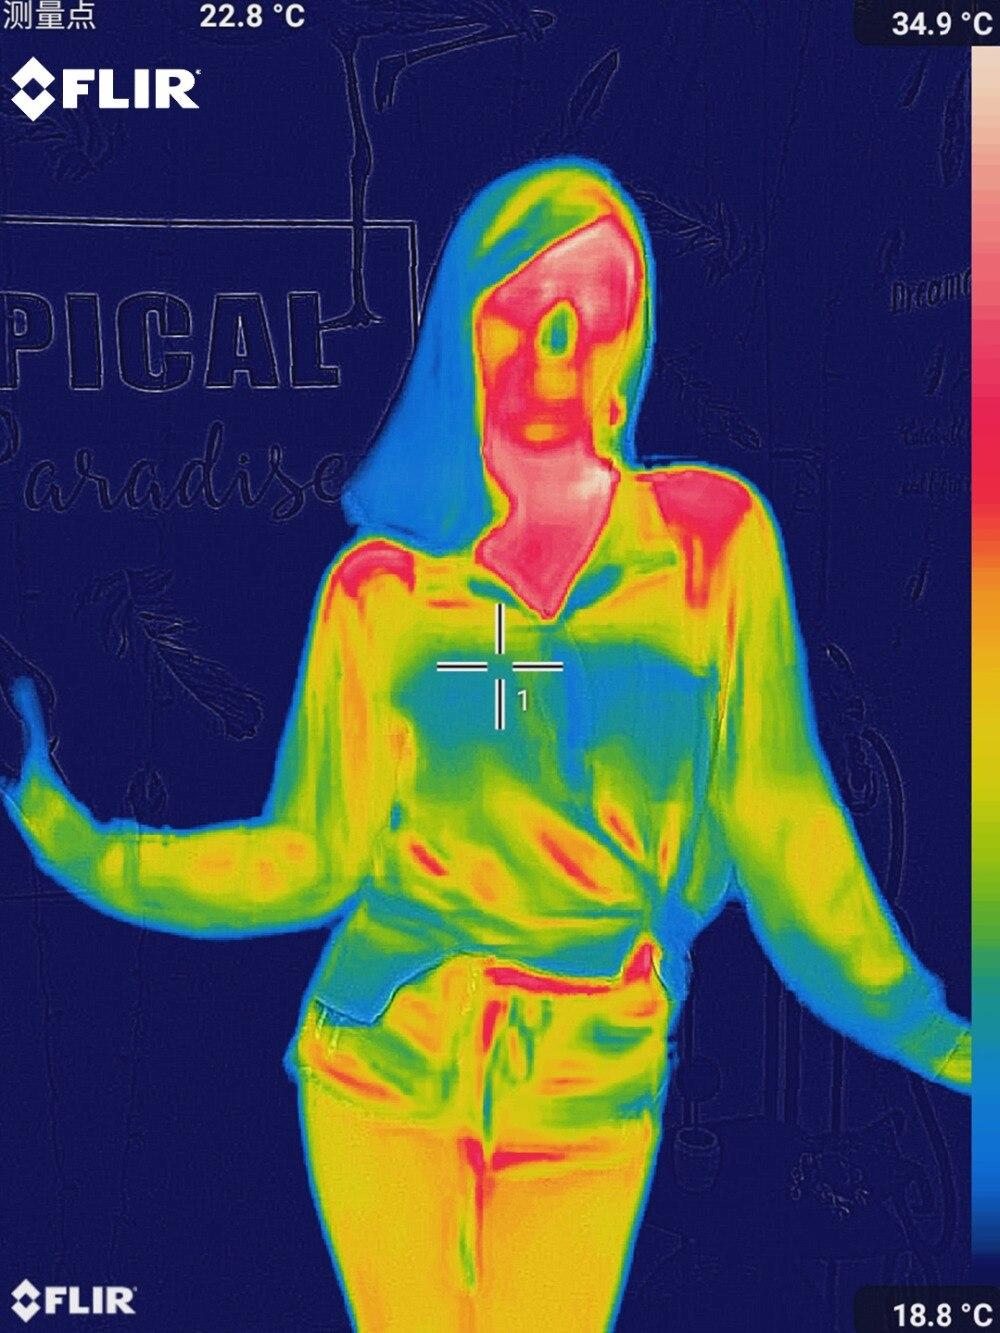 Câmara De Imagens térmicas FLIR imager infravermelho Night vision ONE PRO Uso para iphone ipad iOS ou Android